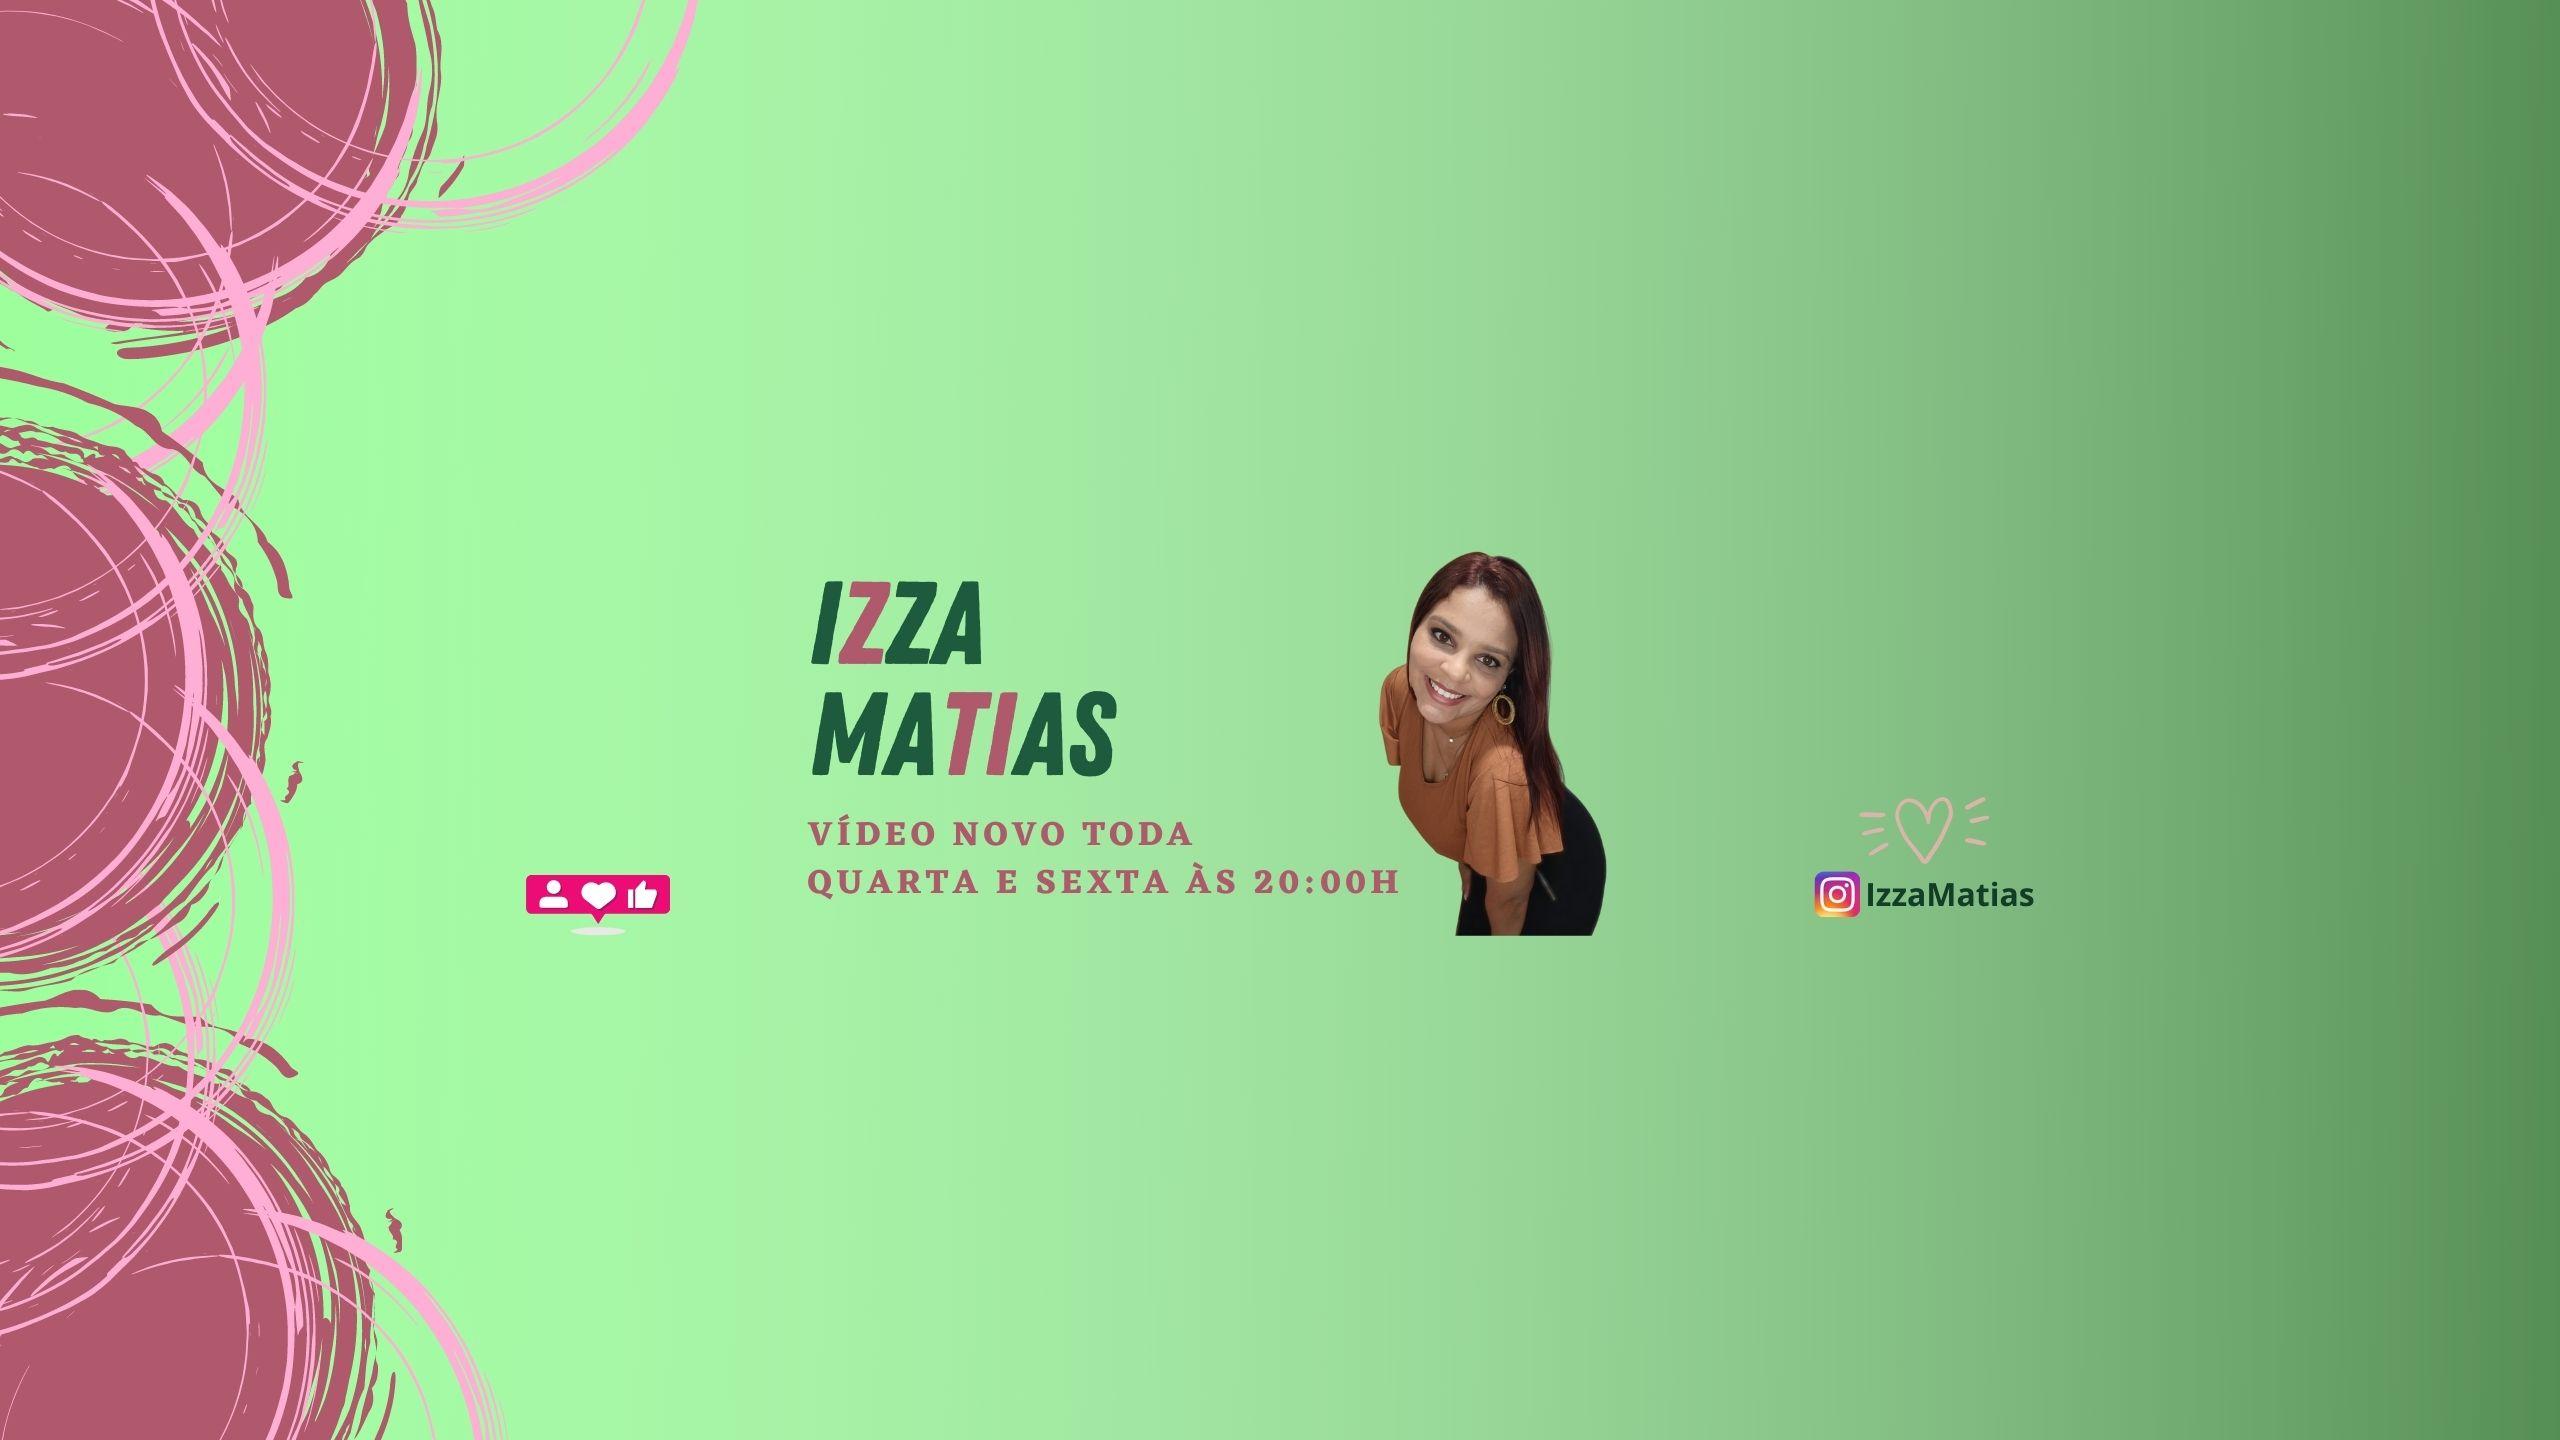 Izza Matias